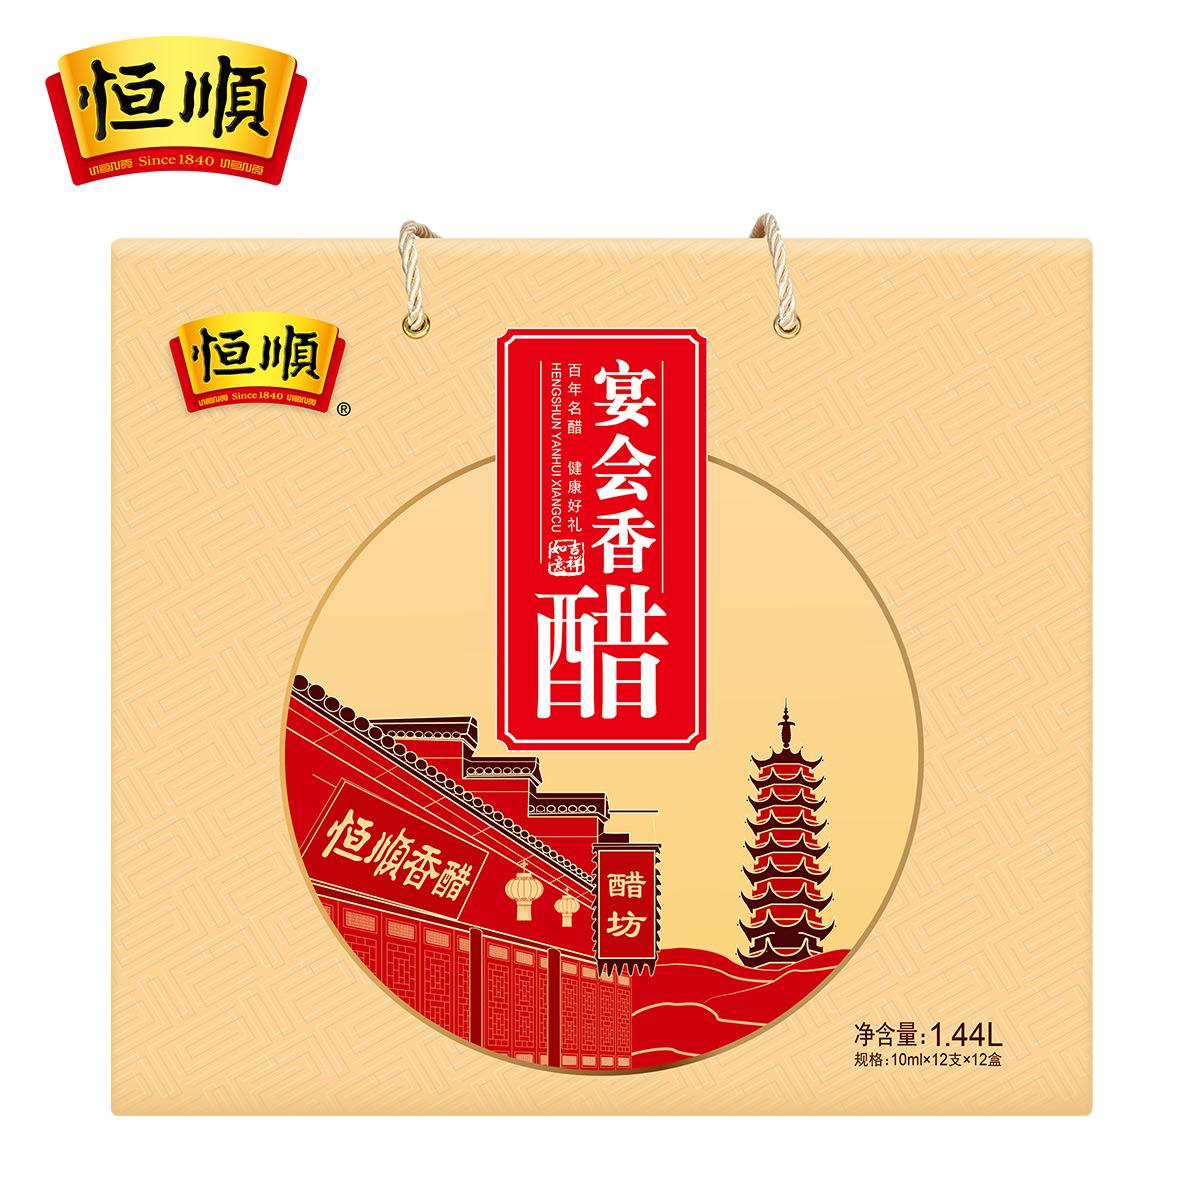 恒顺宴会醋礼盒10ml*12支*12盒 送礼礼盒 节日礼品 镇江香醋 特产